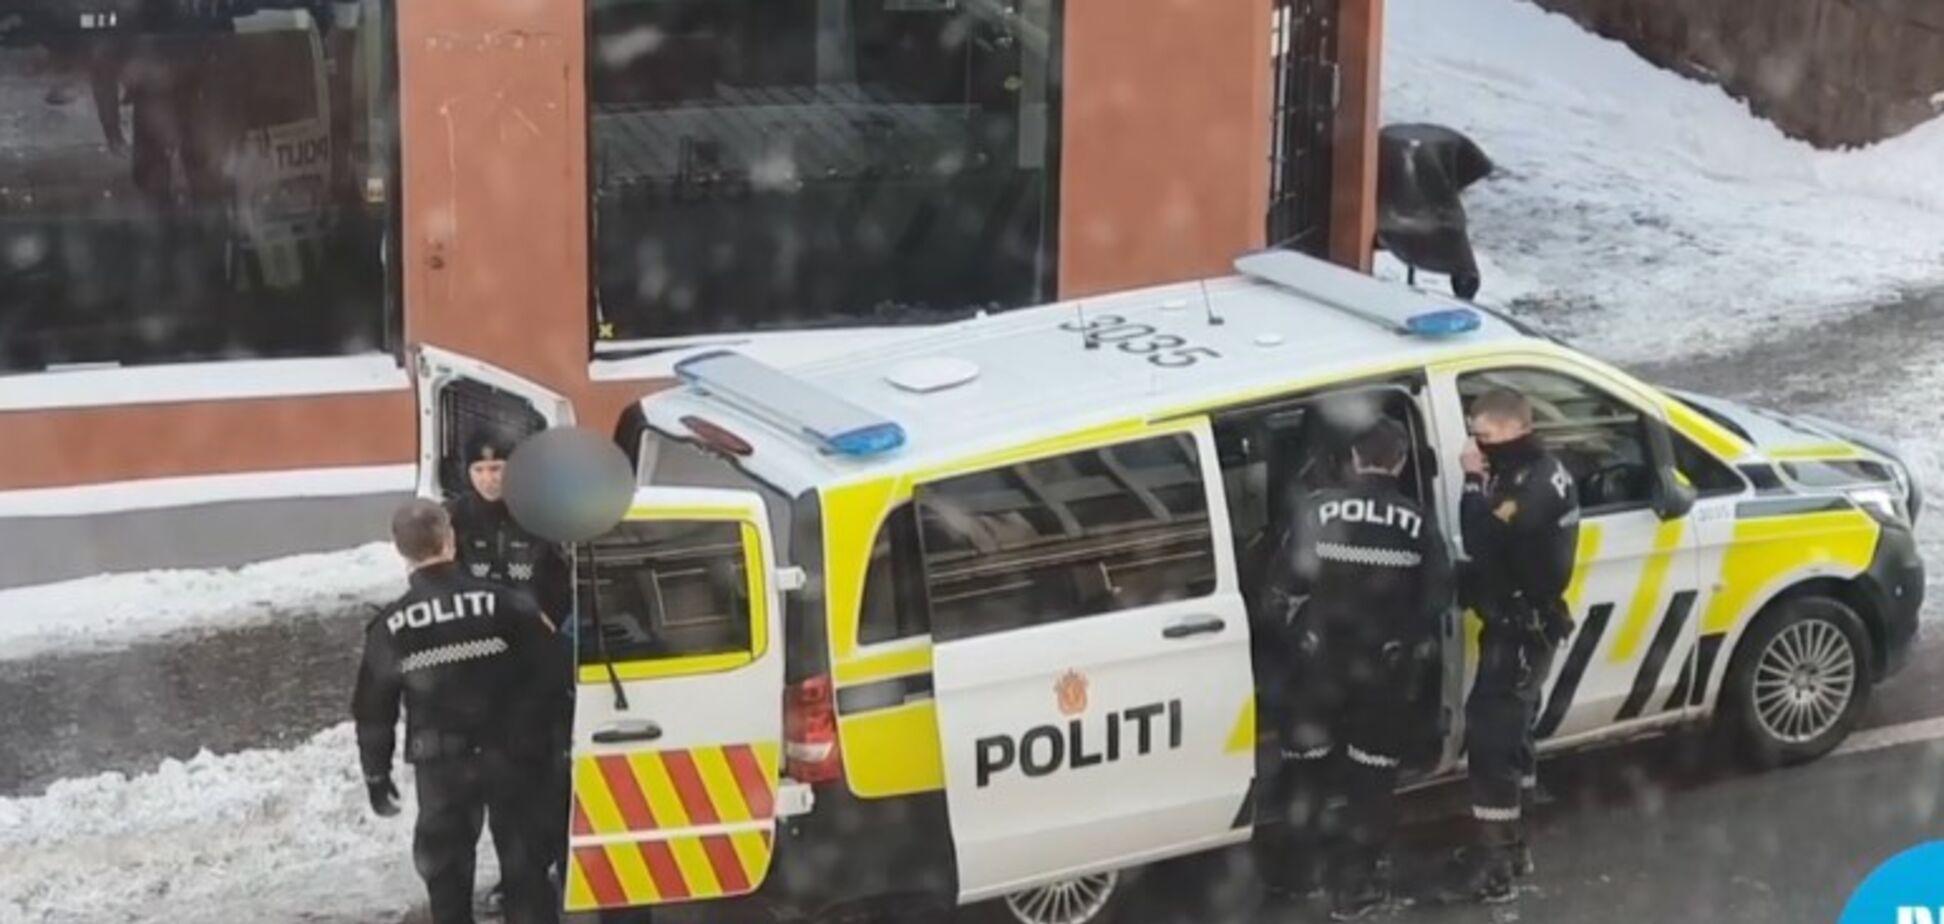 ''Готовил теракт'': в Норвегии после нападения задержали россиянина